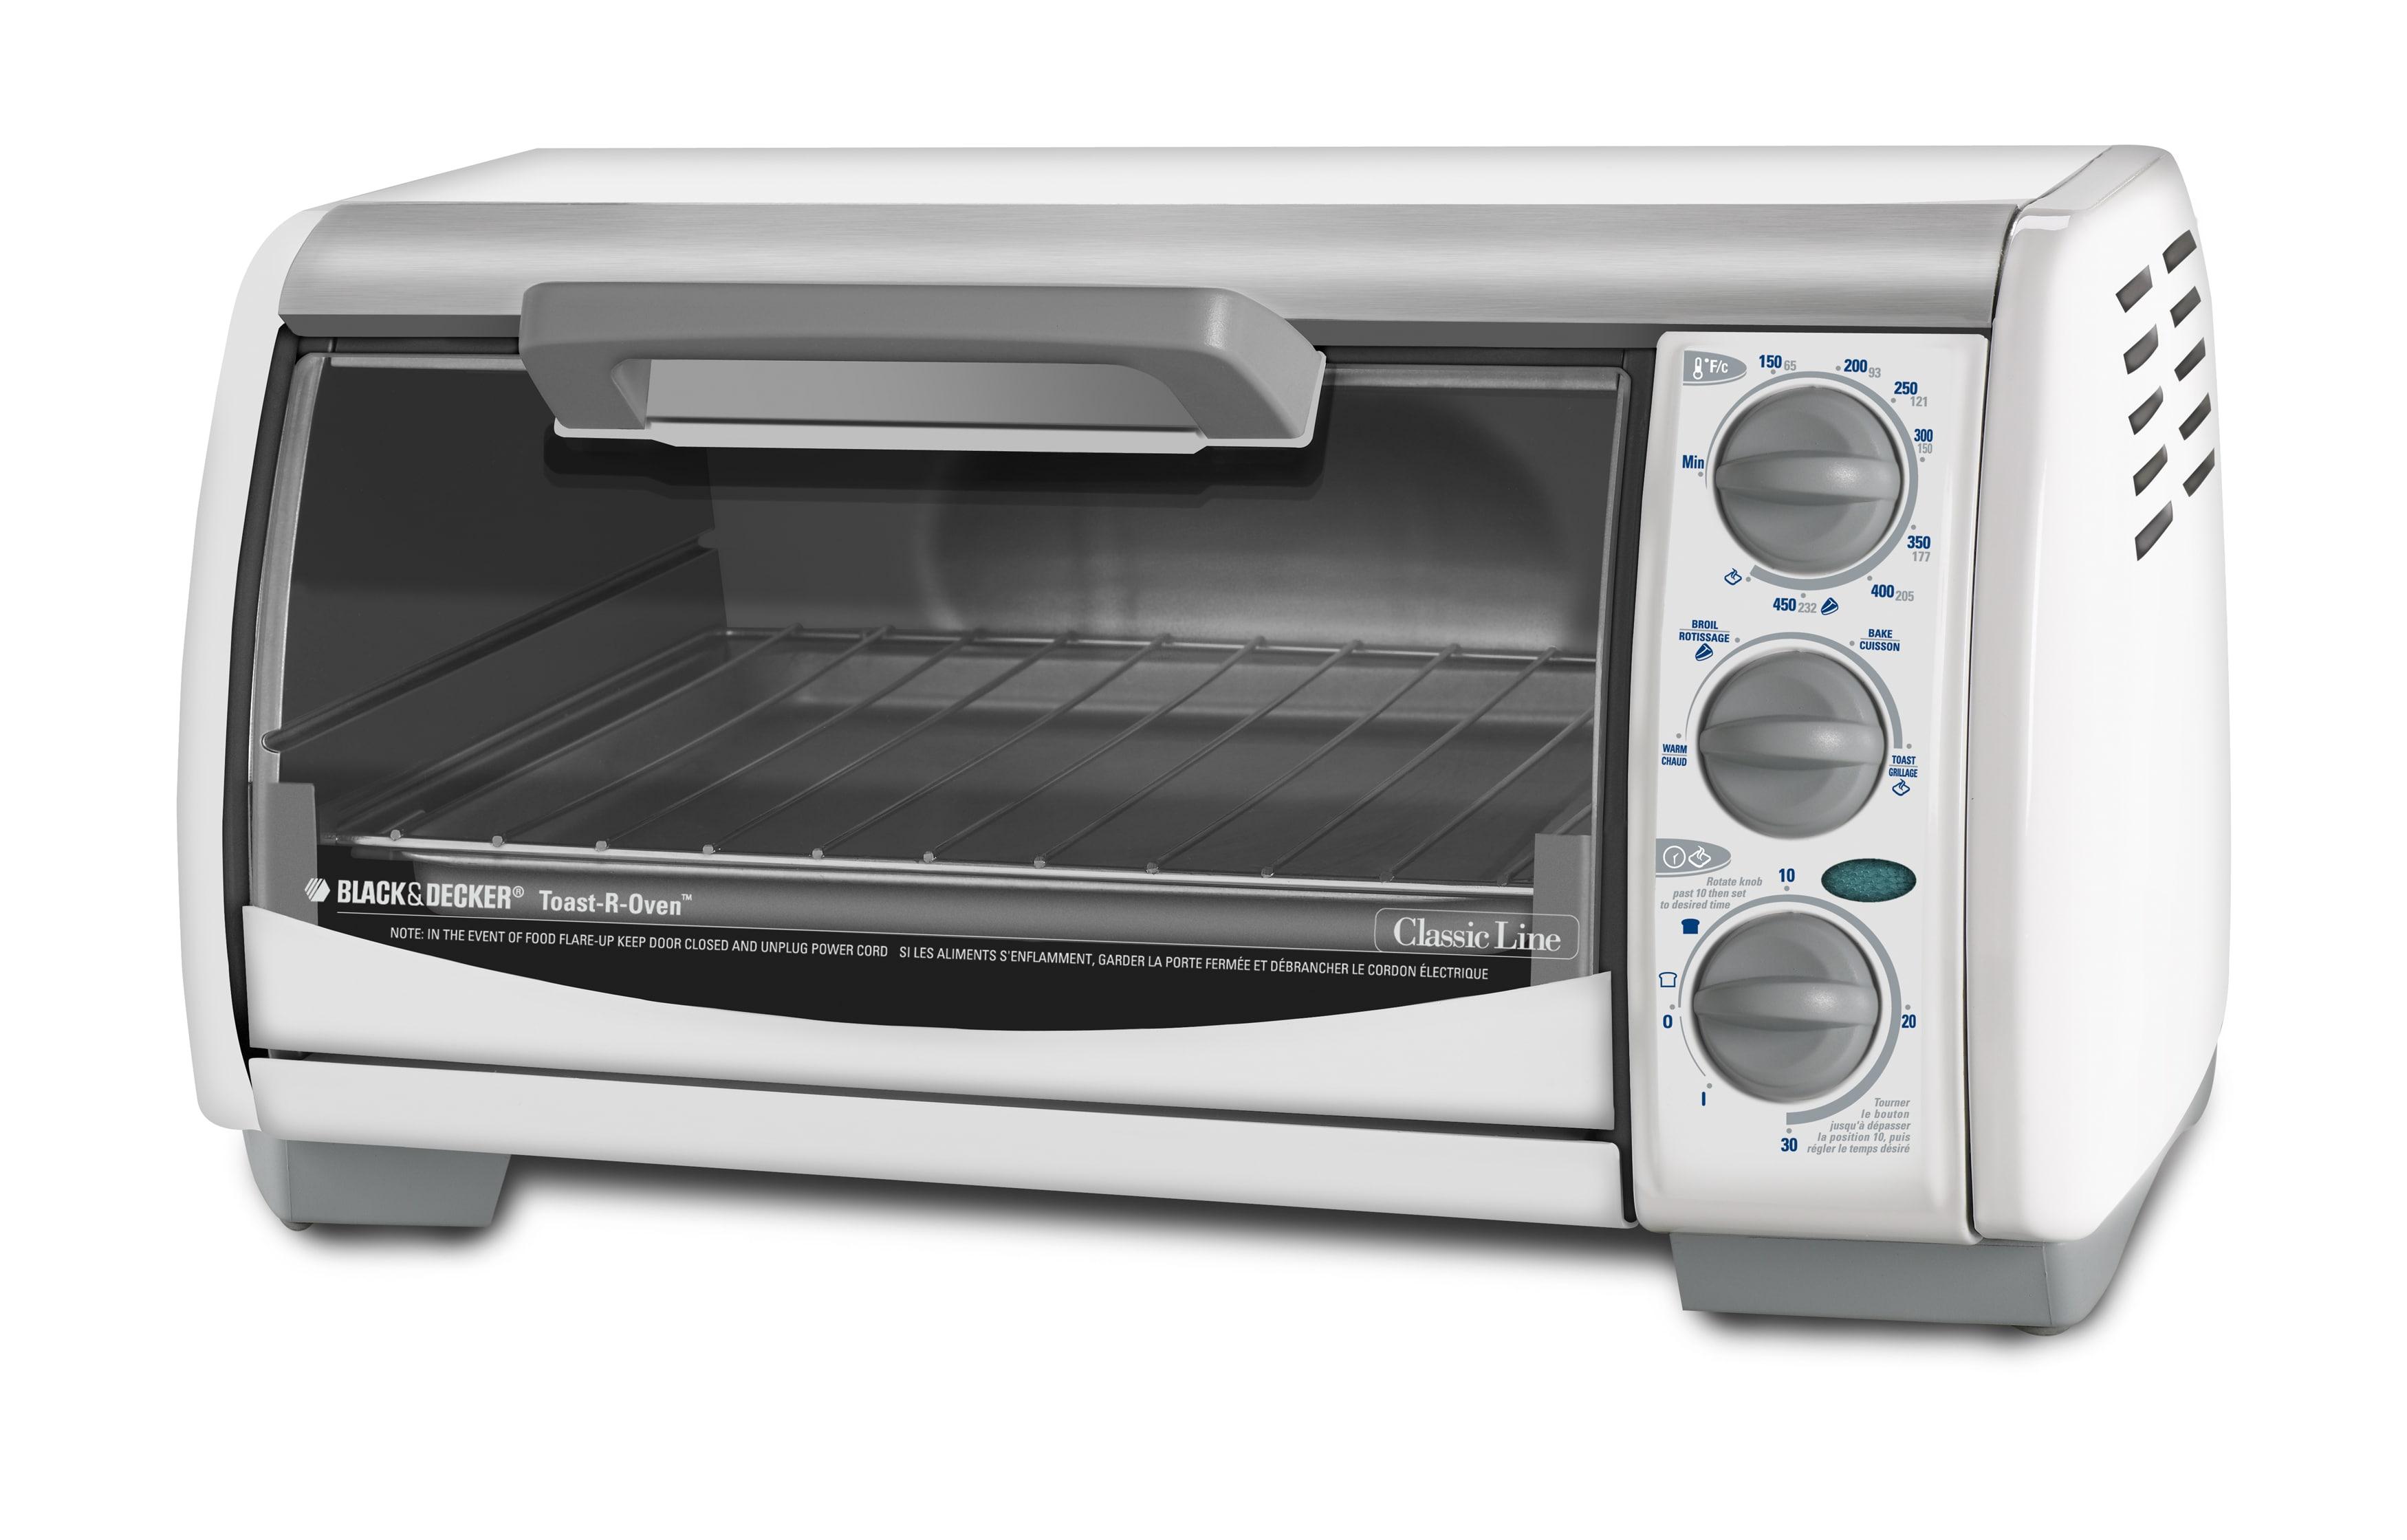 Countertop Oven Black And Decker : Black & Decker TRO490W Toast-R-Oven Classic 4-slice Countertop Oven ...